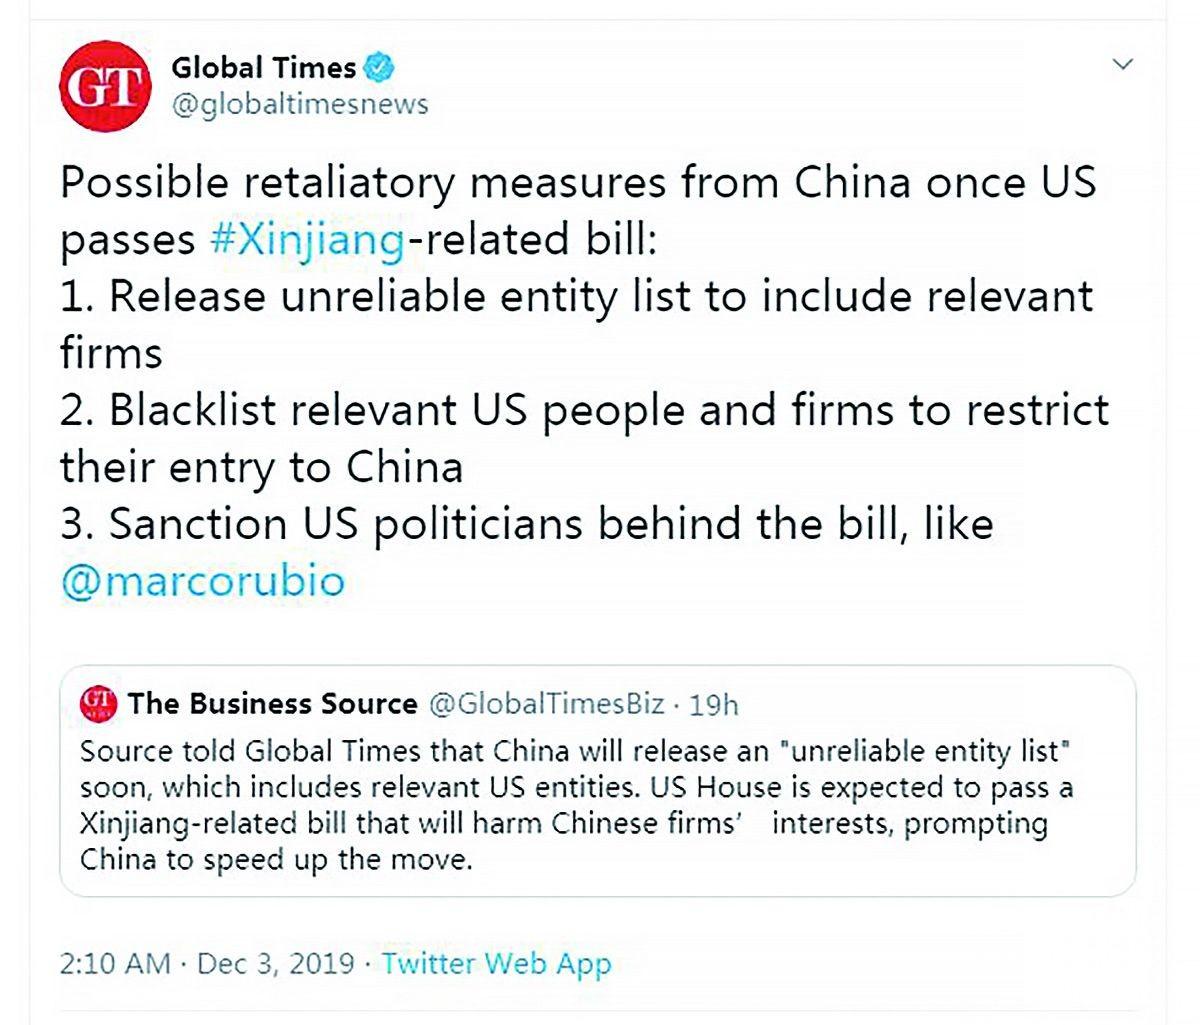 《環時》:中國將很快發布不可靠實體清單